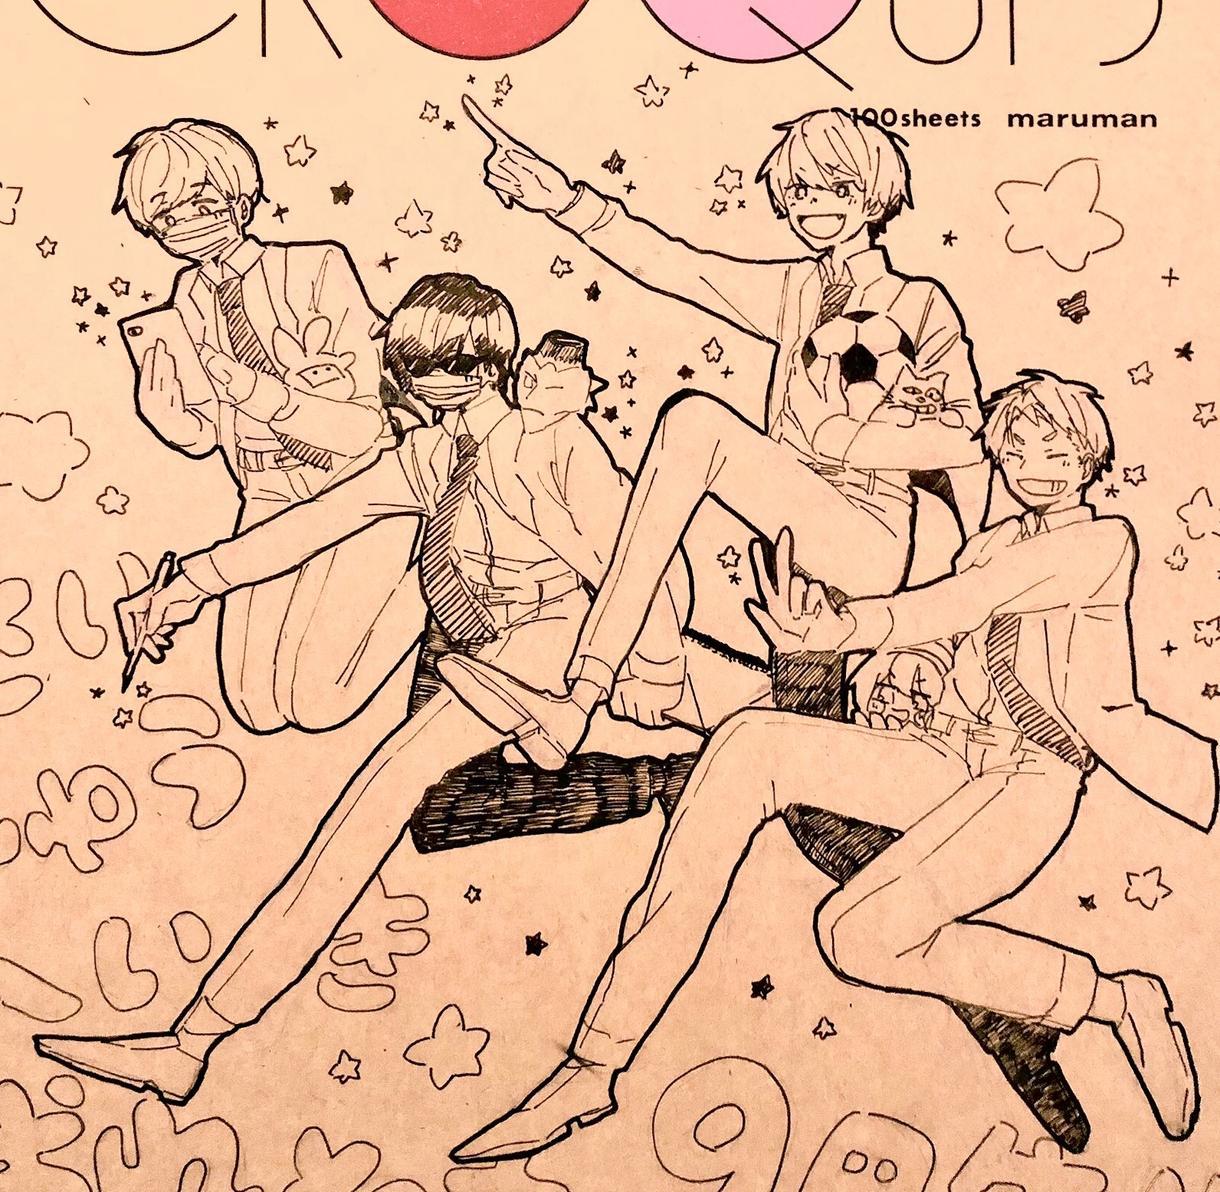 複数人可☀︎イラスト、立ち絵、同人誌の表紙描きます かわいい系イラストが得意です。1枚の絵に5人まで描けます。